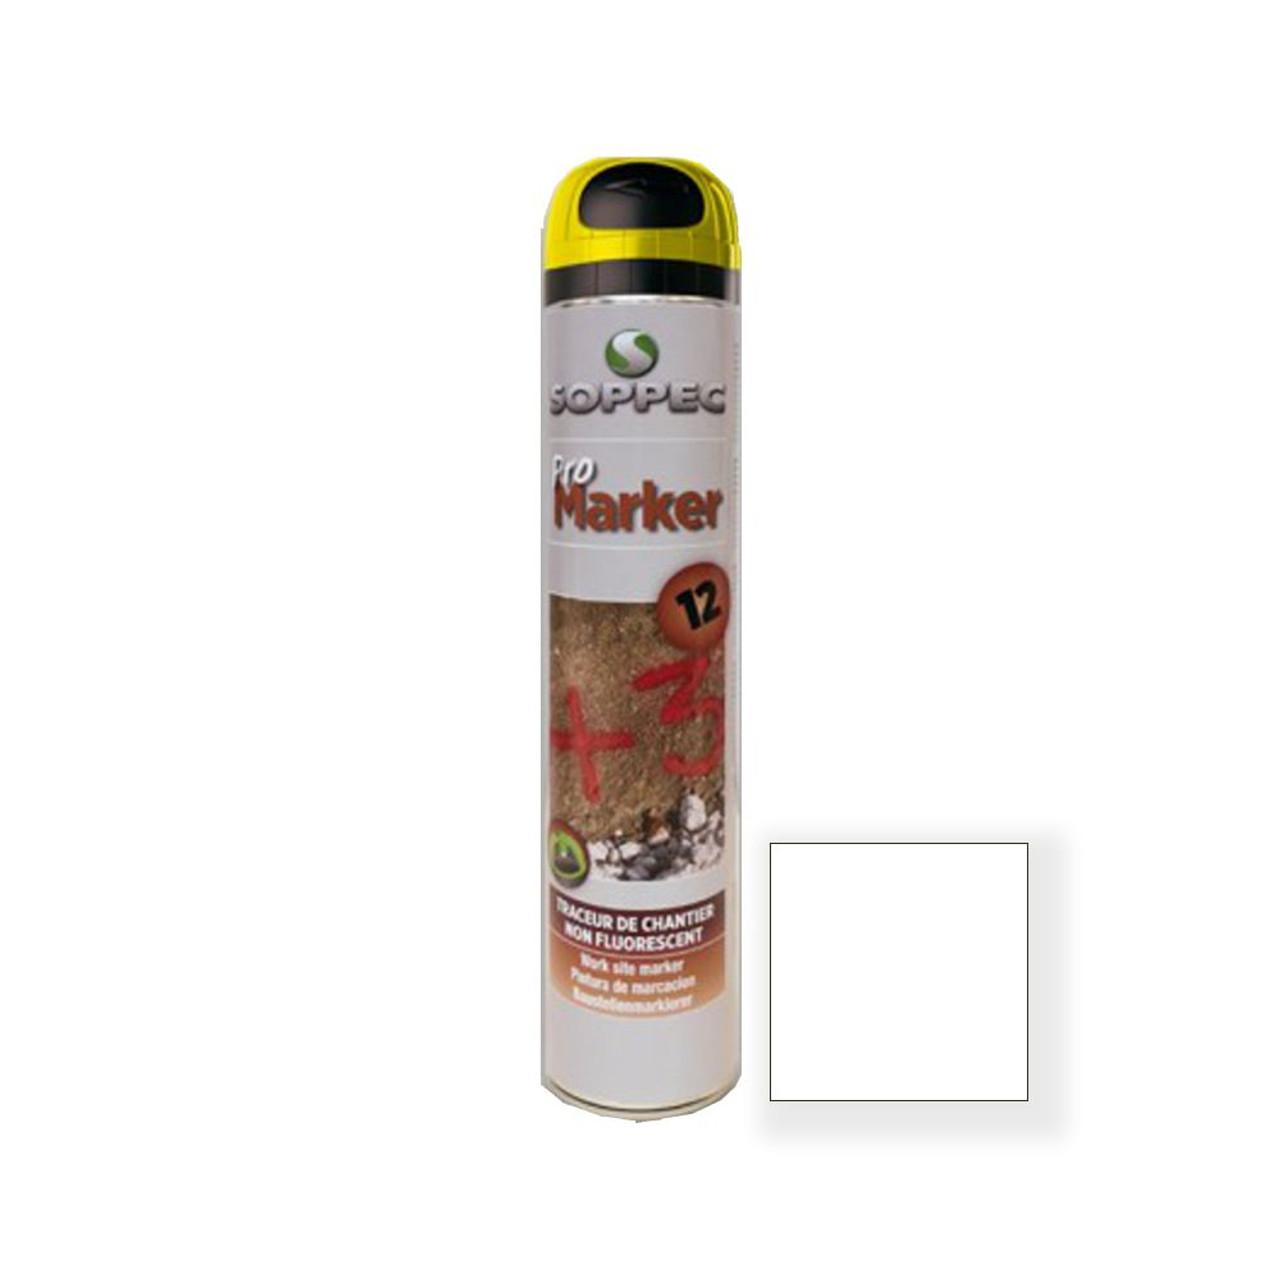 Soppec Spray Paint Promarker White 750ml (142500N)